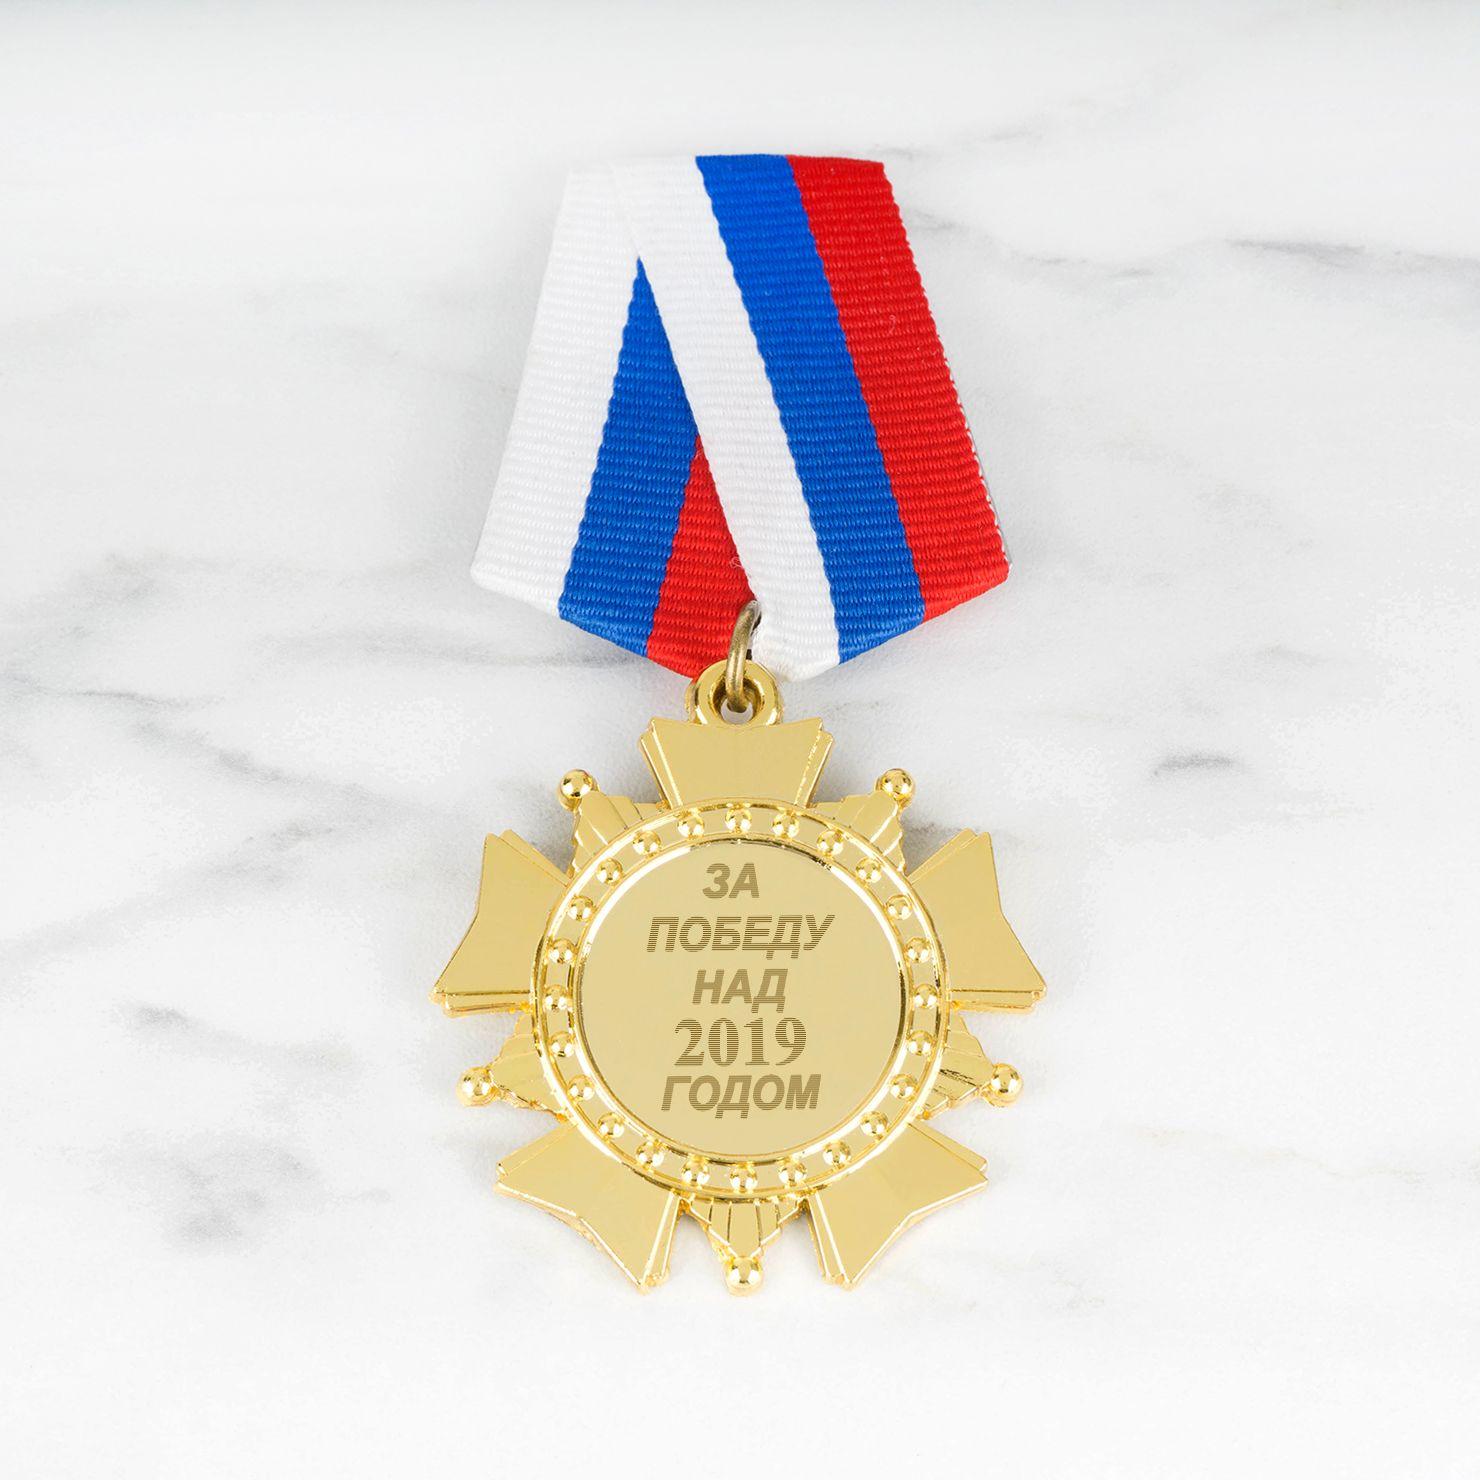 Орден *За победу над 2019 годом*